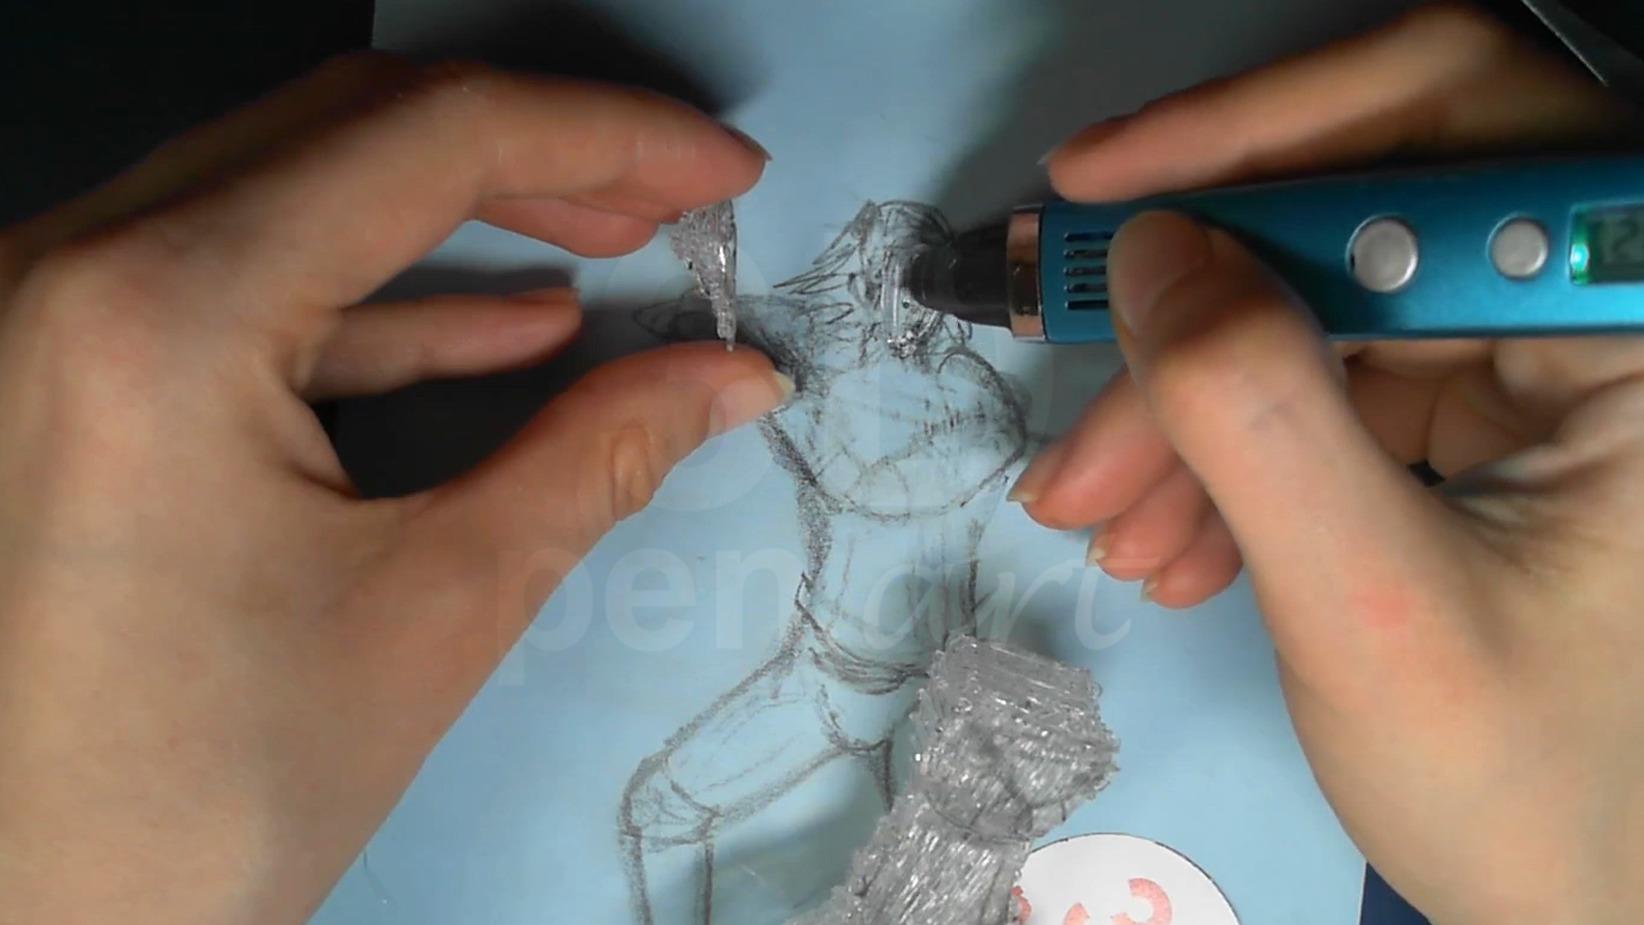 Ведьмак 3D ручкой. Делаем объёмный затылок и заштриховываем лицо